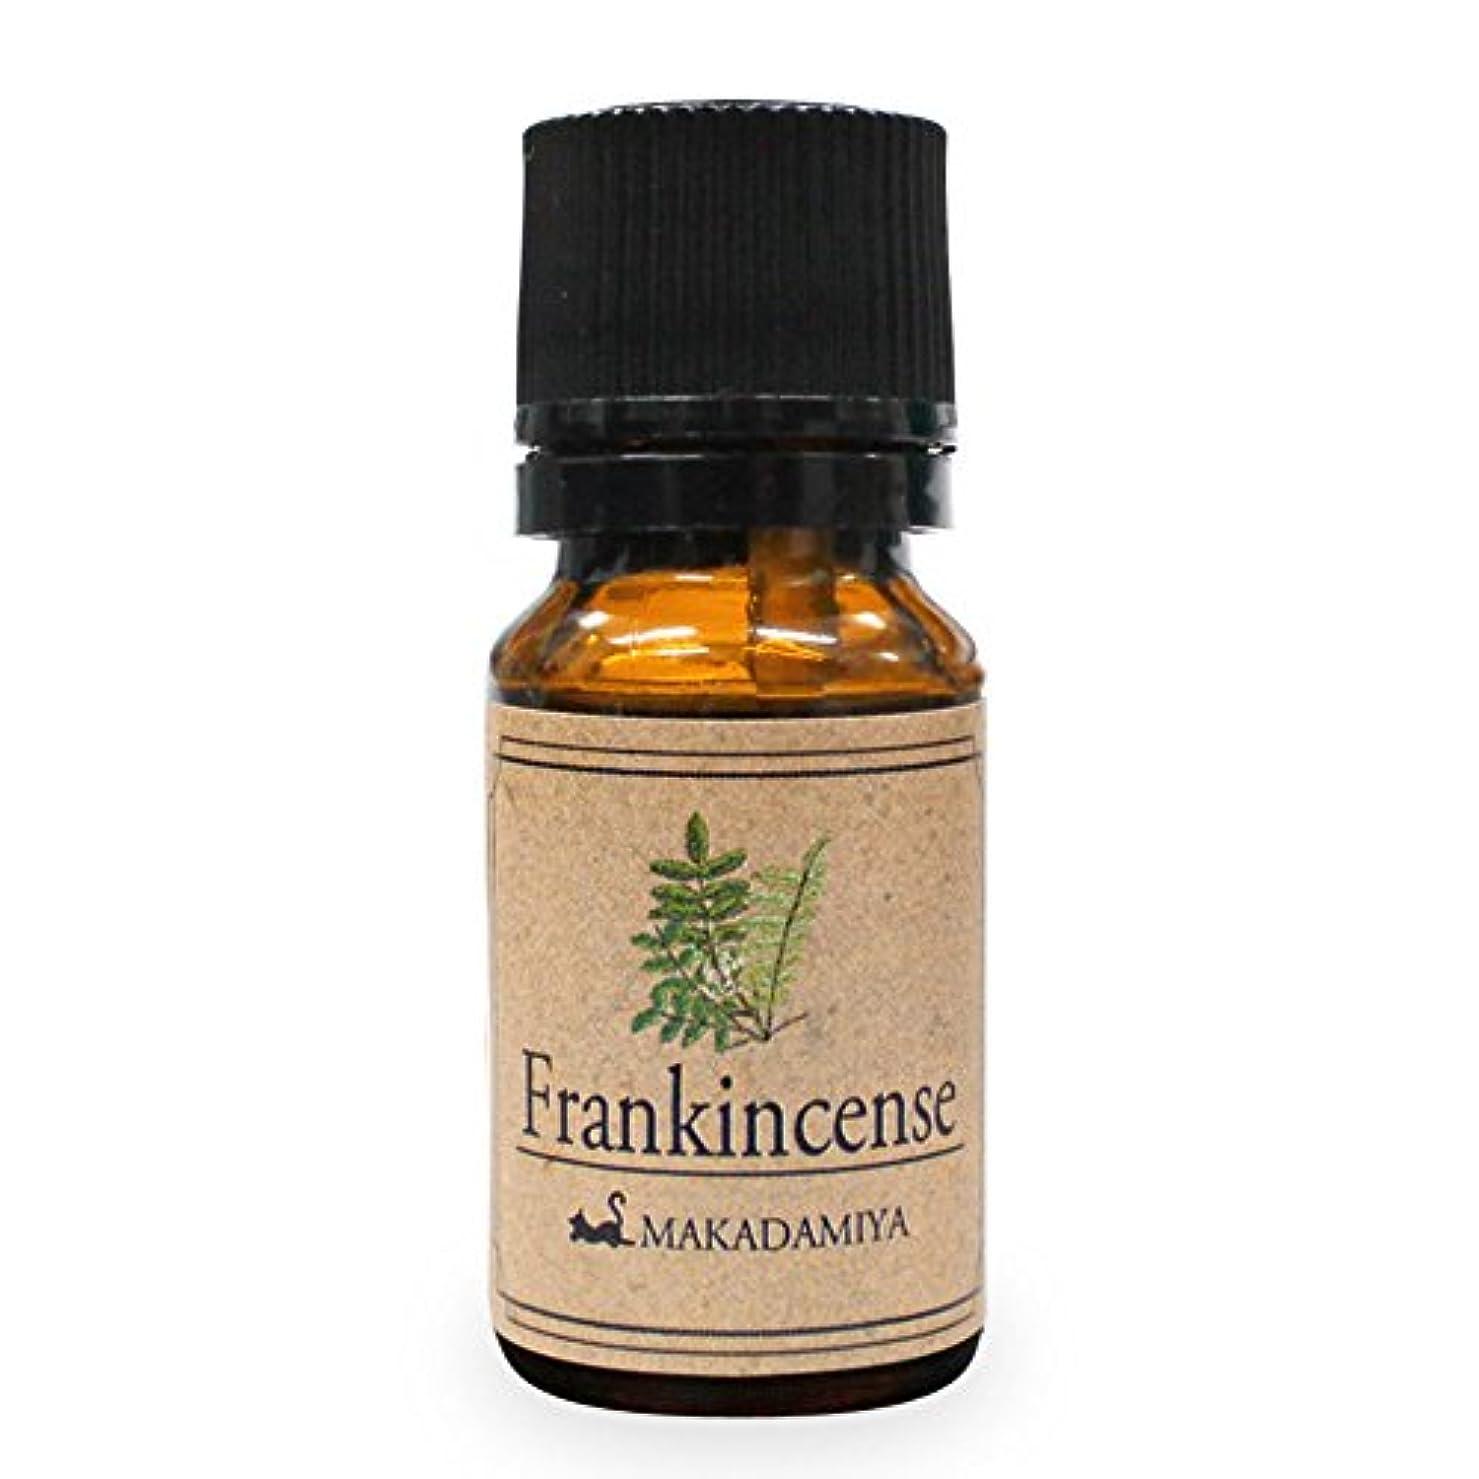 にぎやか立証するビクターフランキンセンス10ml 天然100%植物性 エッセンシャルオイル(精油) アロマオイル アロママッサージ aroma Frankincense